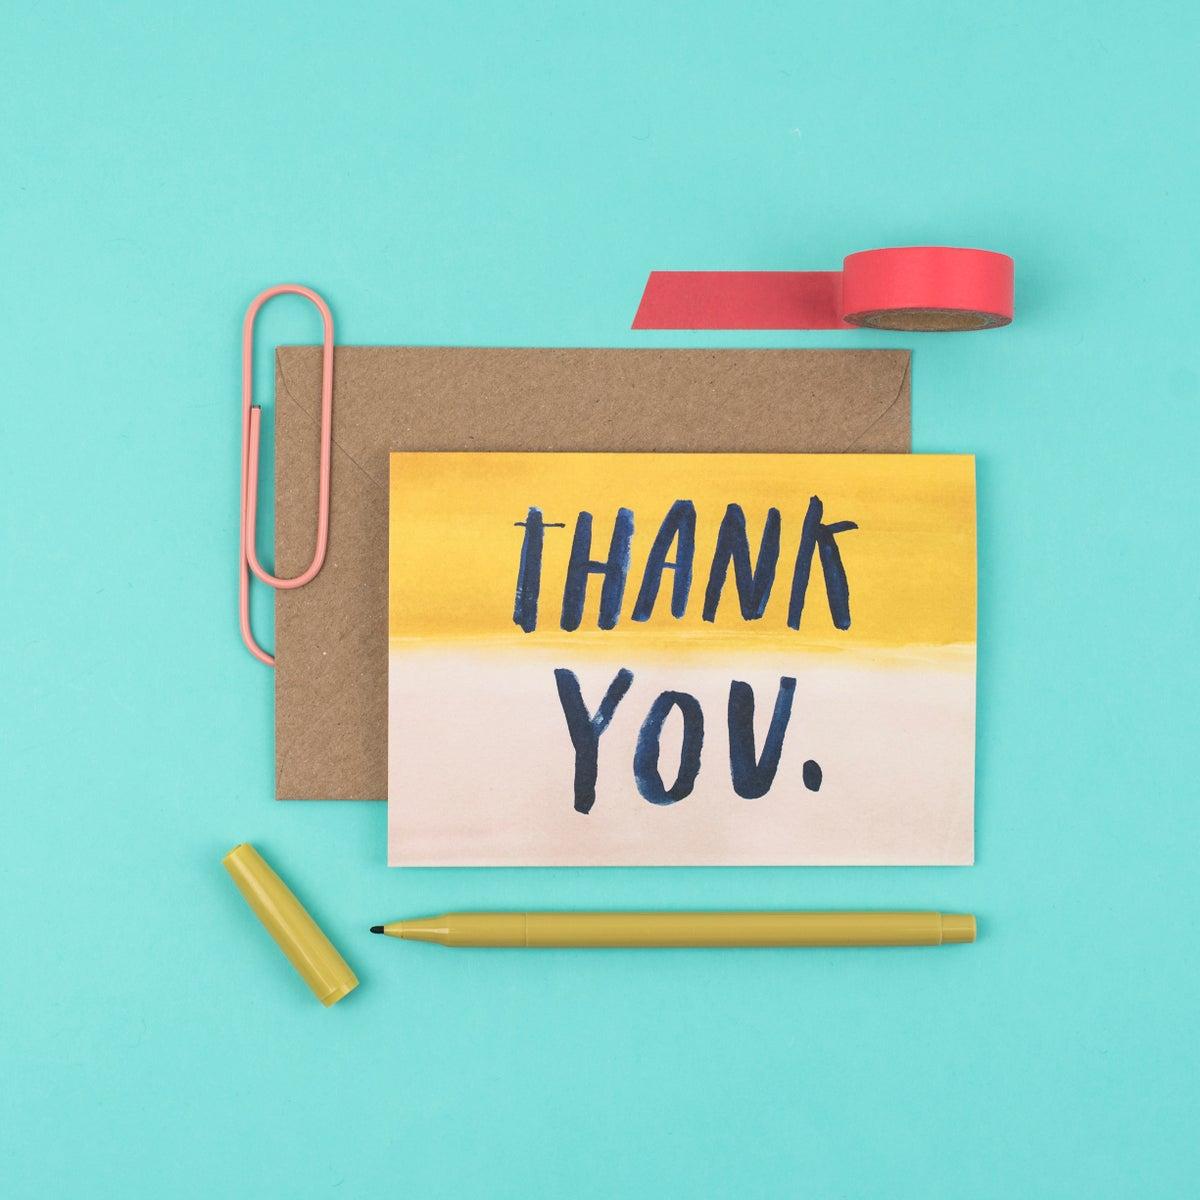 Thank you - Letterbox Lane